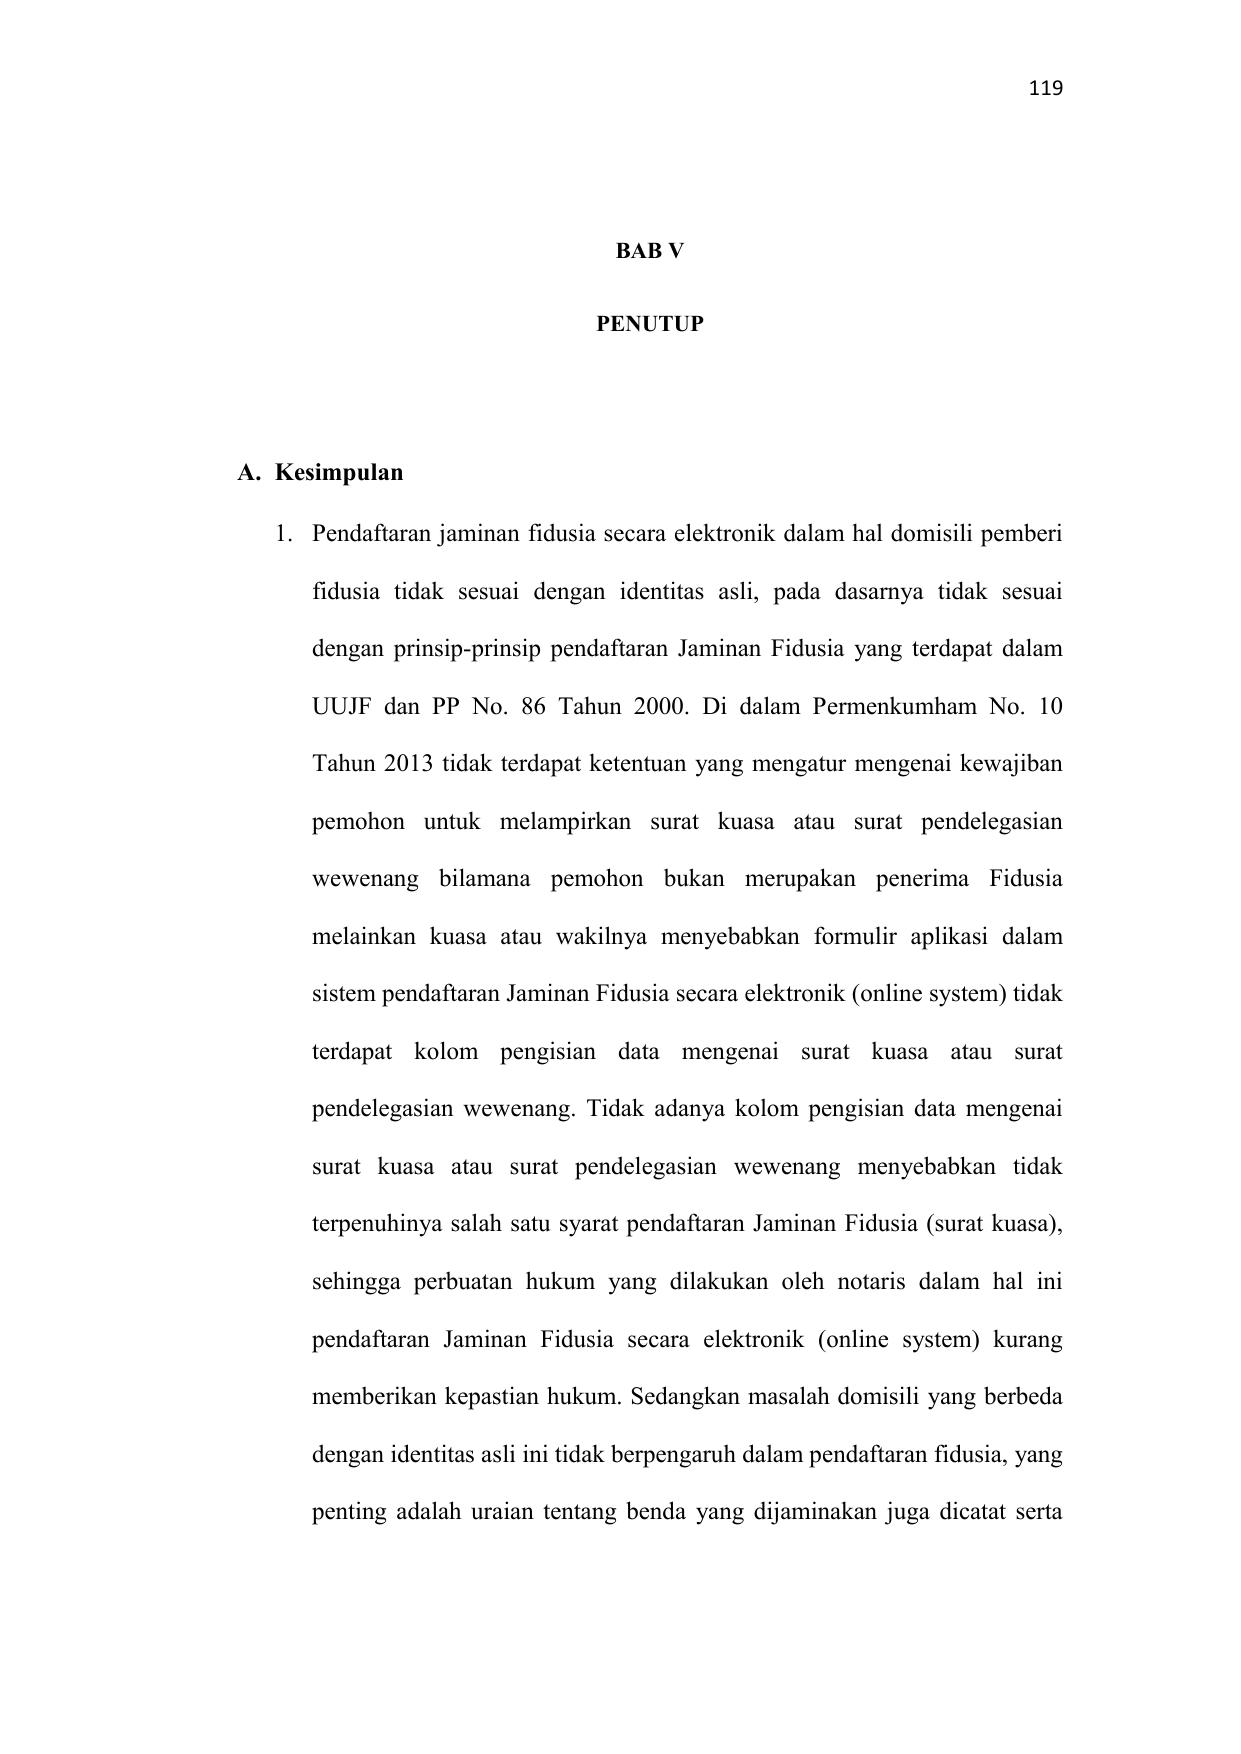 A Kesimpulan 1 Pendaftaran Jaminan Fidusia Secara